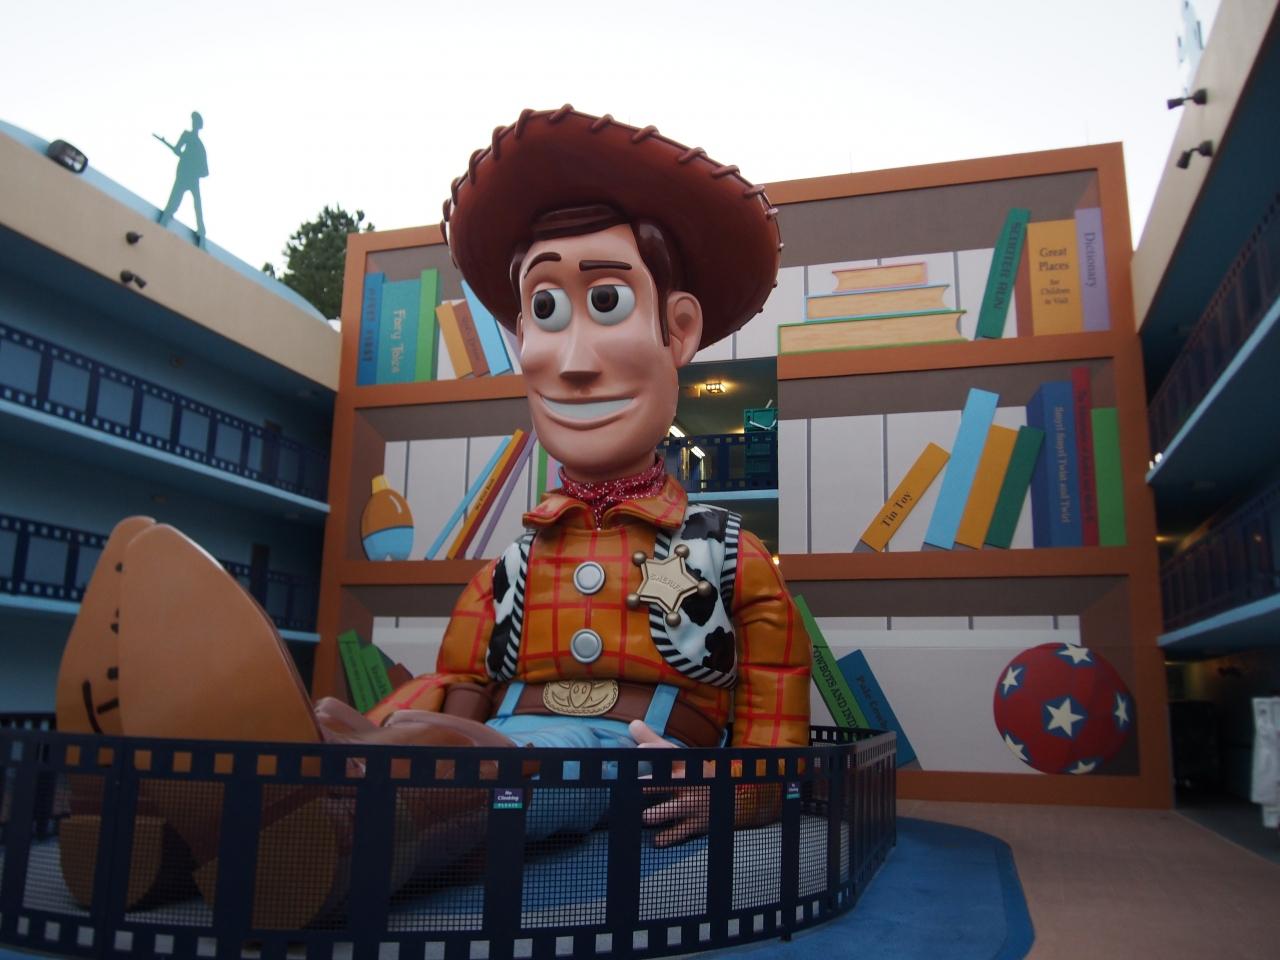 オーランドwdw、ディズニー公式ホテル編-オーランド、マイアミの旅①